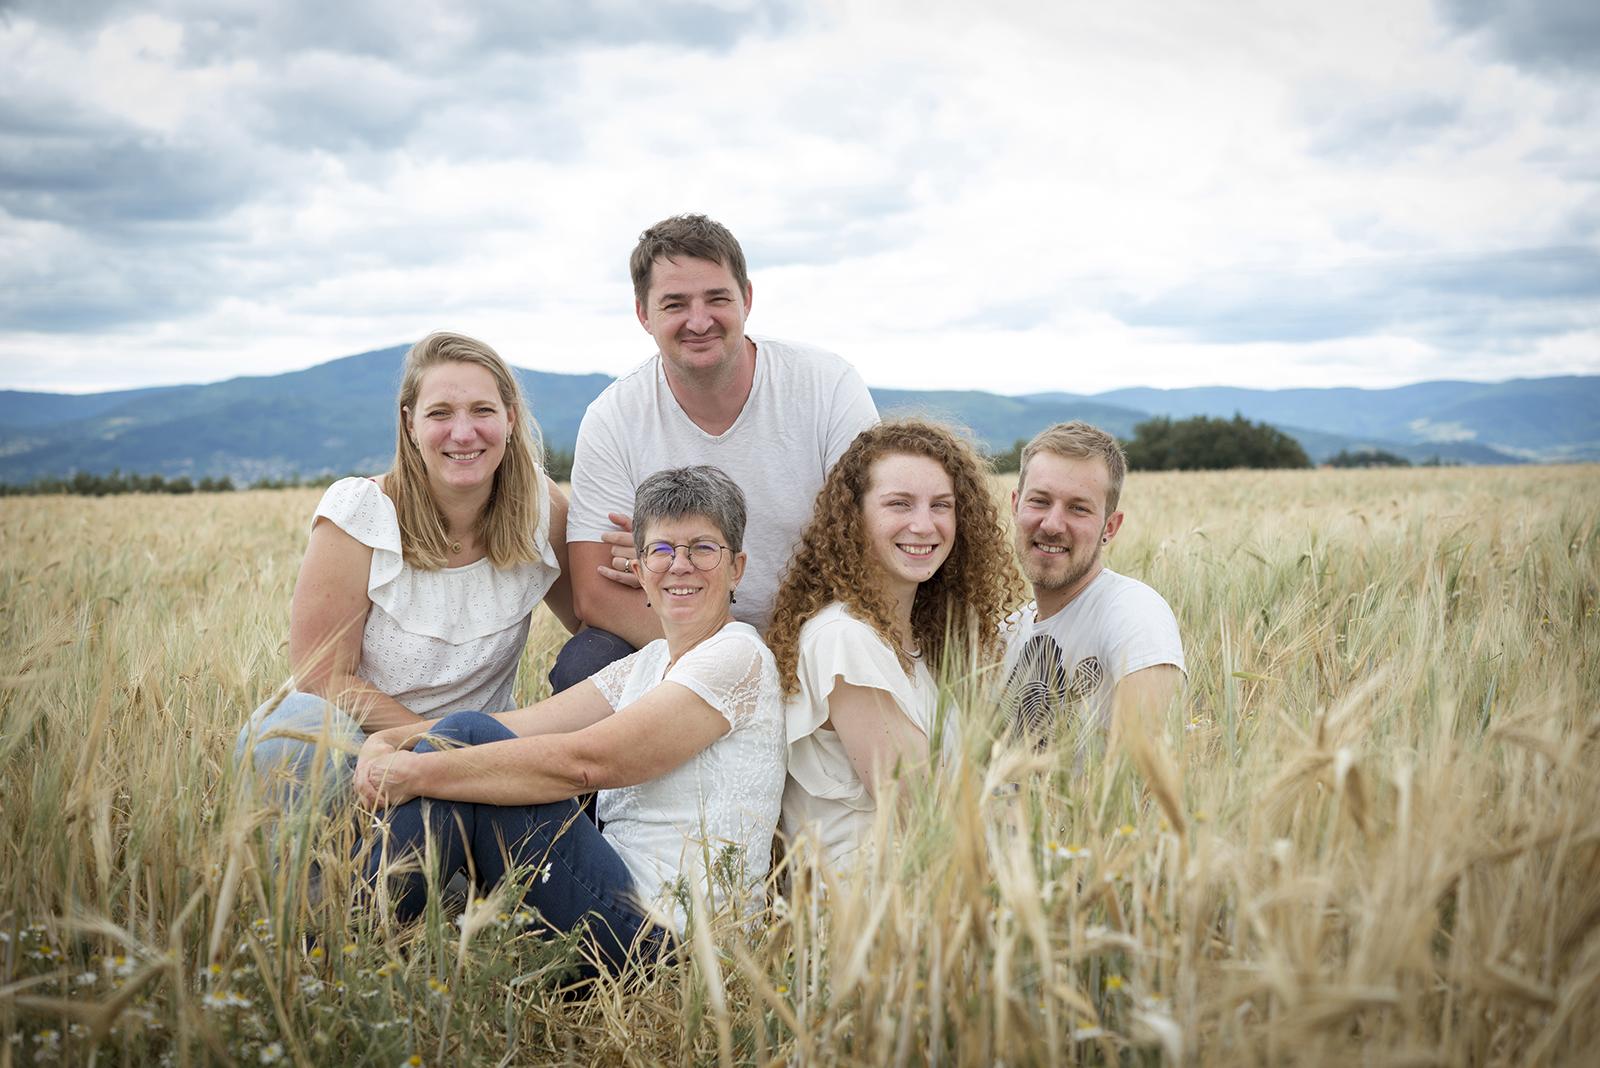 Famille adultes champs de blé